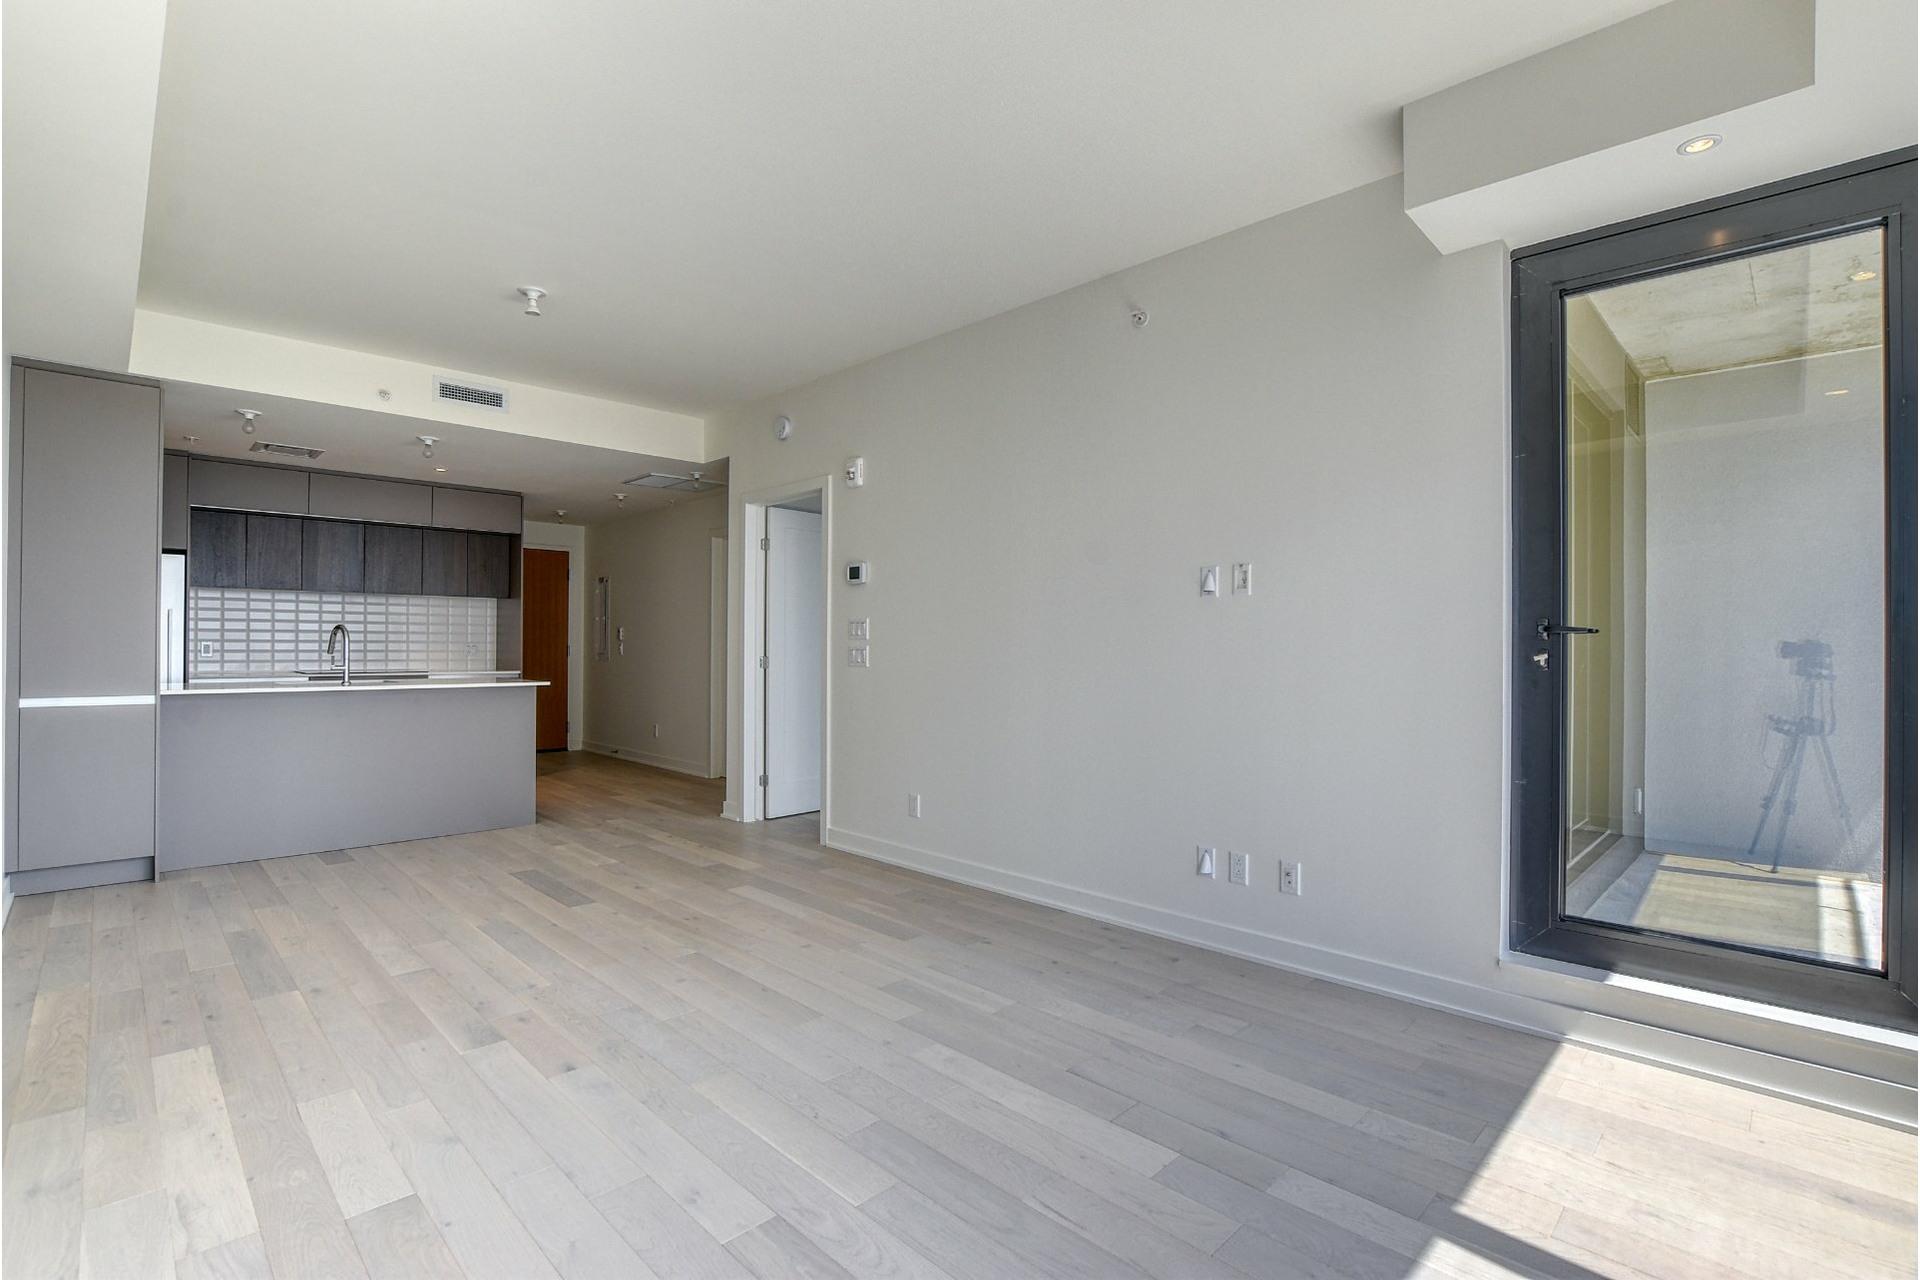 image 3 - Apartment For rent Verdun/Île-des-Soeurs Montréal  - 4 rooms